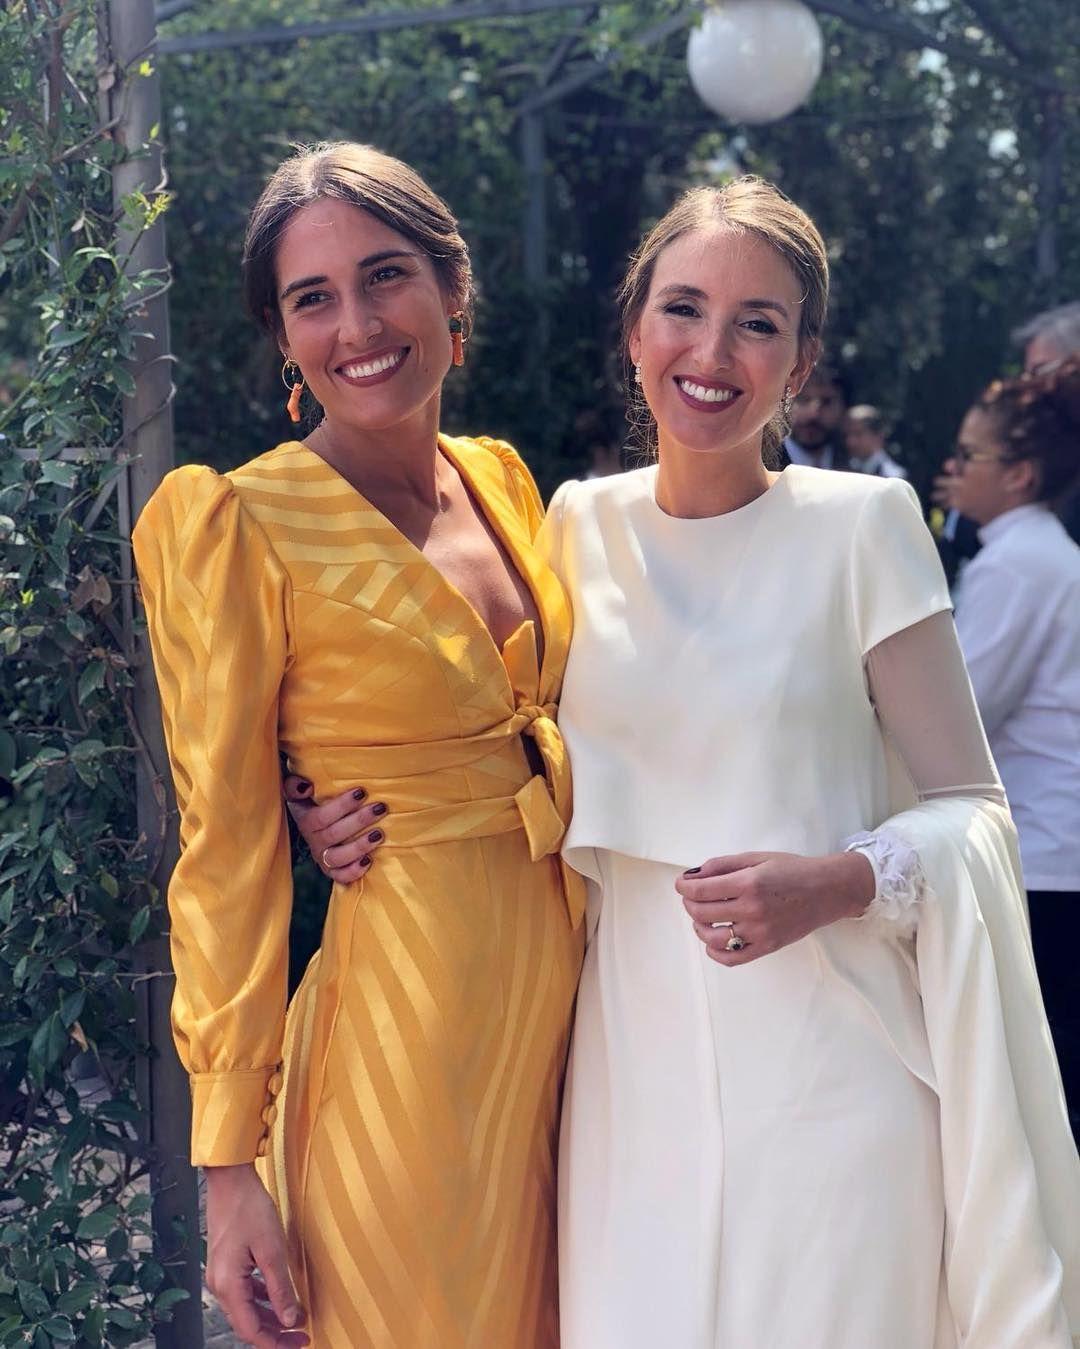 Y Vestidos Instagram Looks Los Invitadas Boda De Las En Mejores lKJcF1